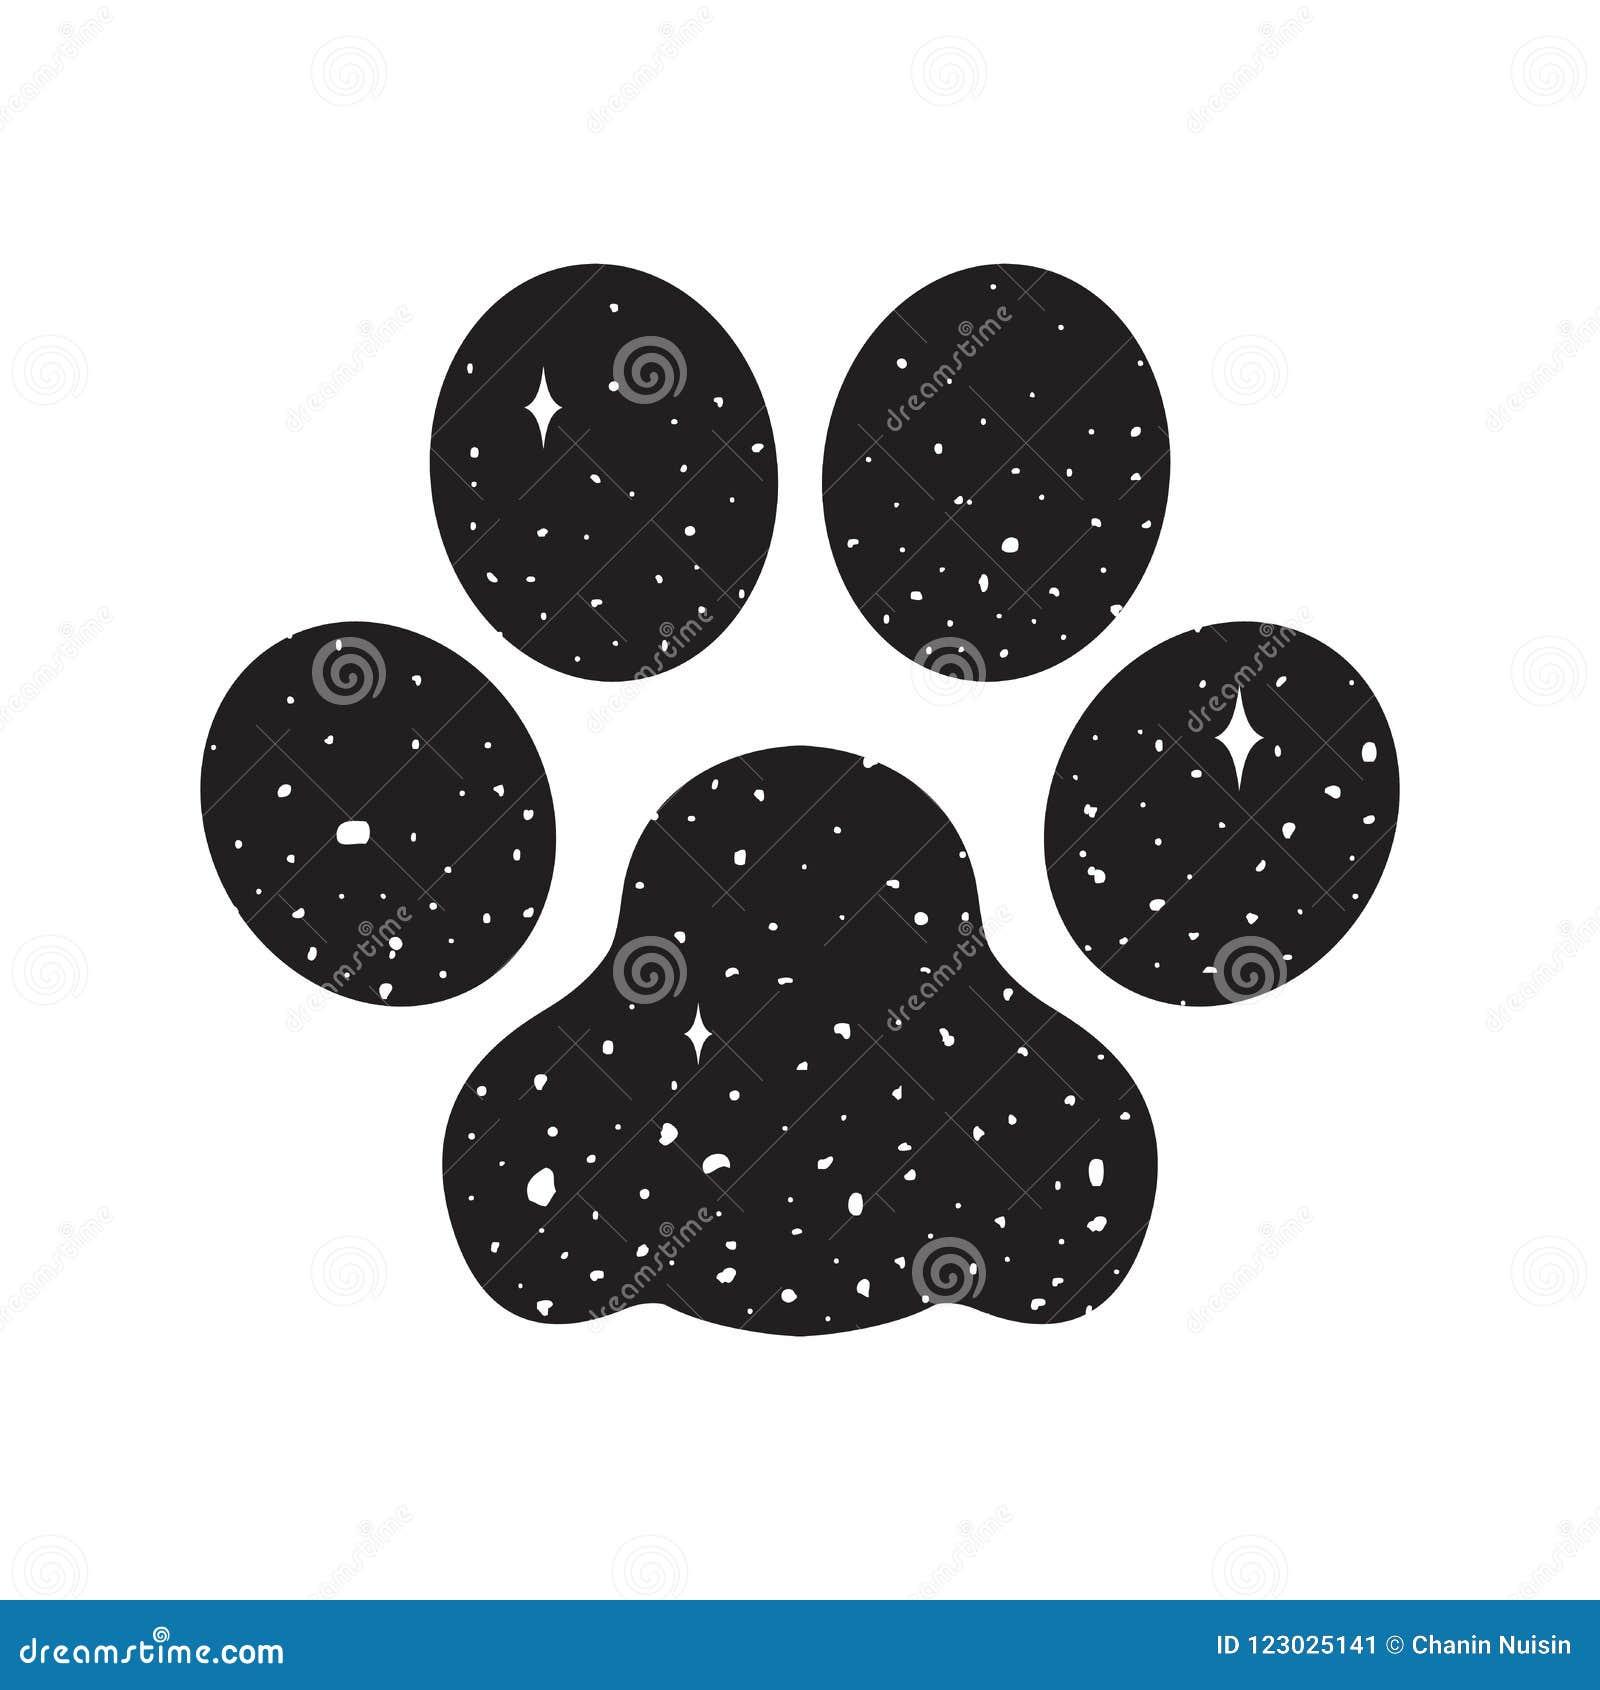 Σκυλιών ποδιών διανυσματικό εικονιδίων λογότυπων μπουλντόγκ διαστημικό νυχτερινού ουρανού υπόβαθρο ταπετσαριών κινούμενων σχεδίων